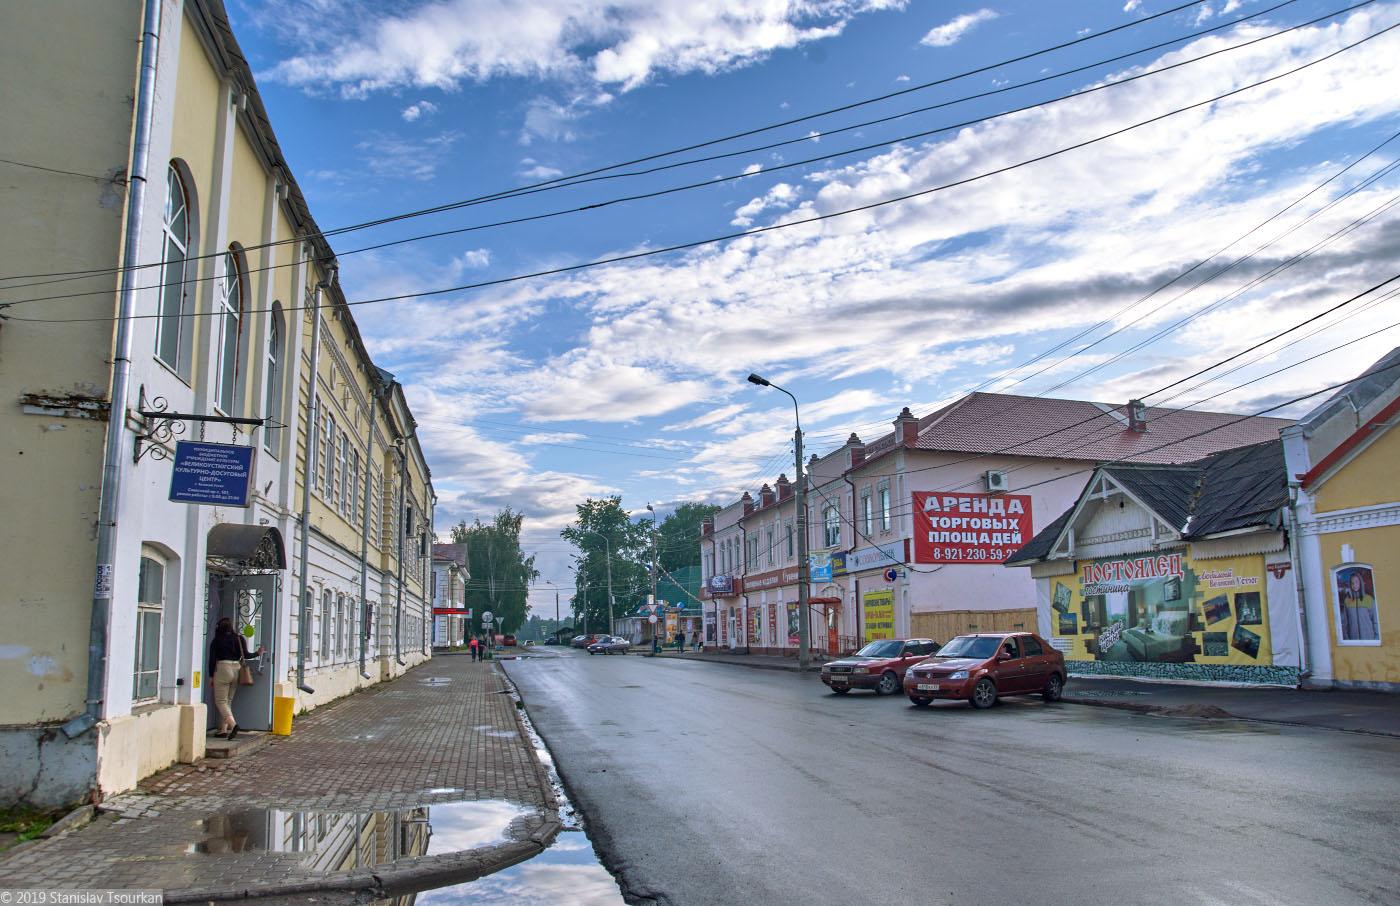 Вологодская область, Вологодчина, Великий Устюг, Русский север, Красный переулок